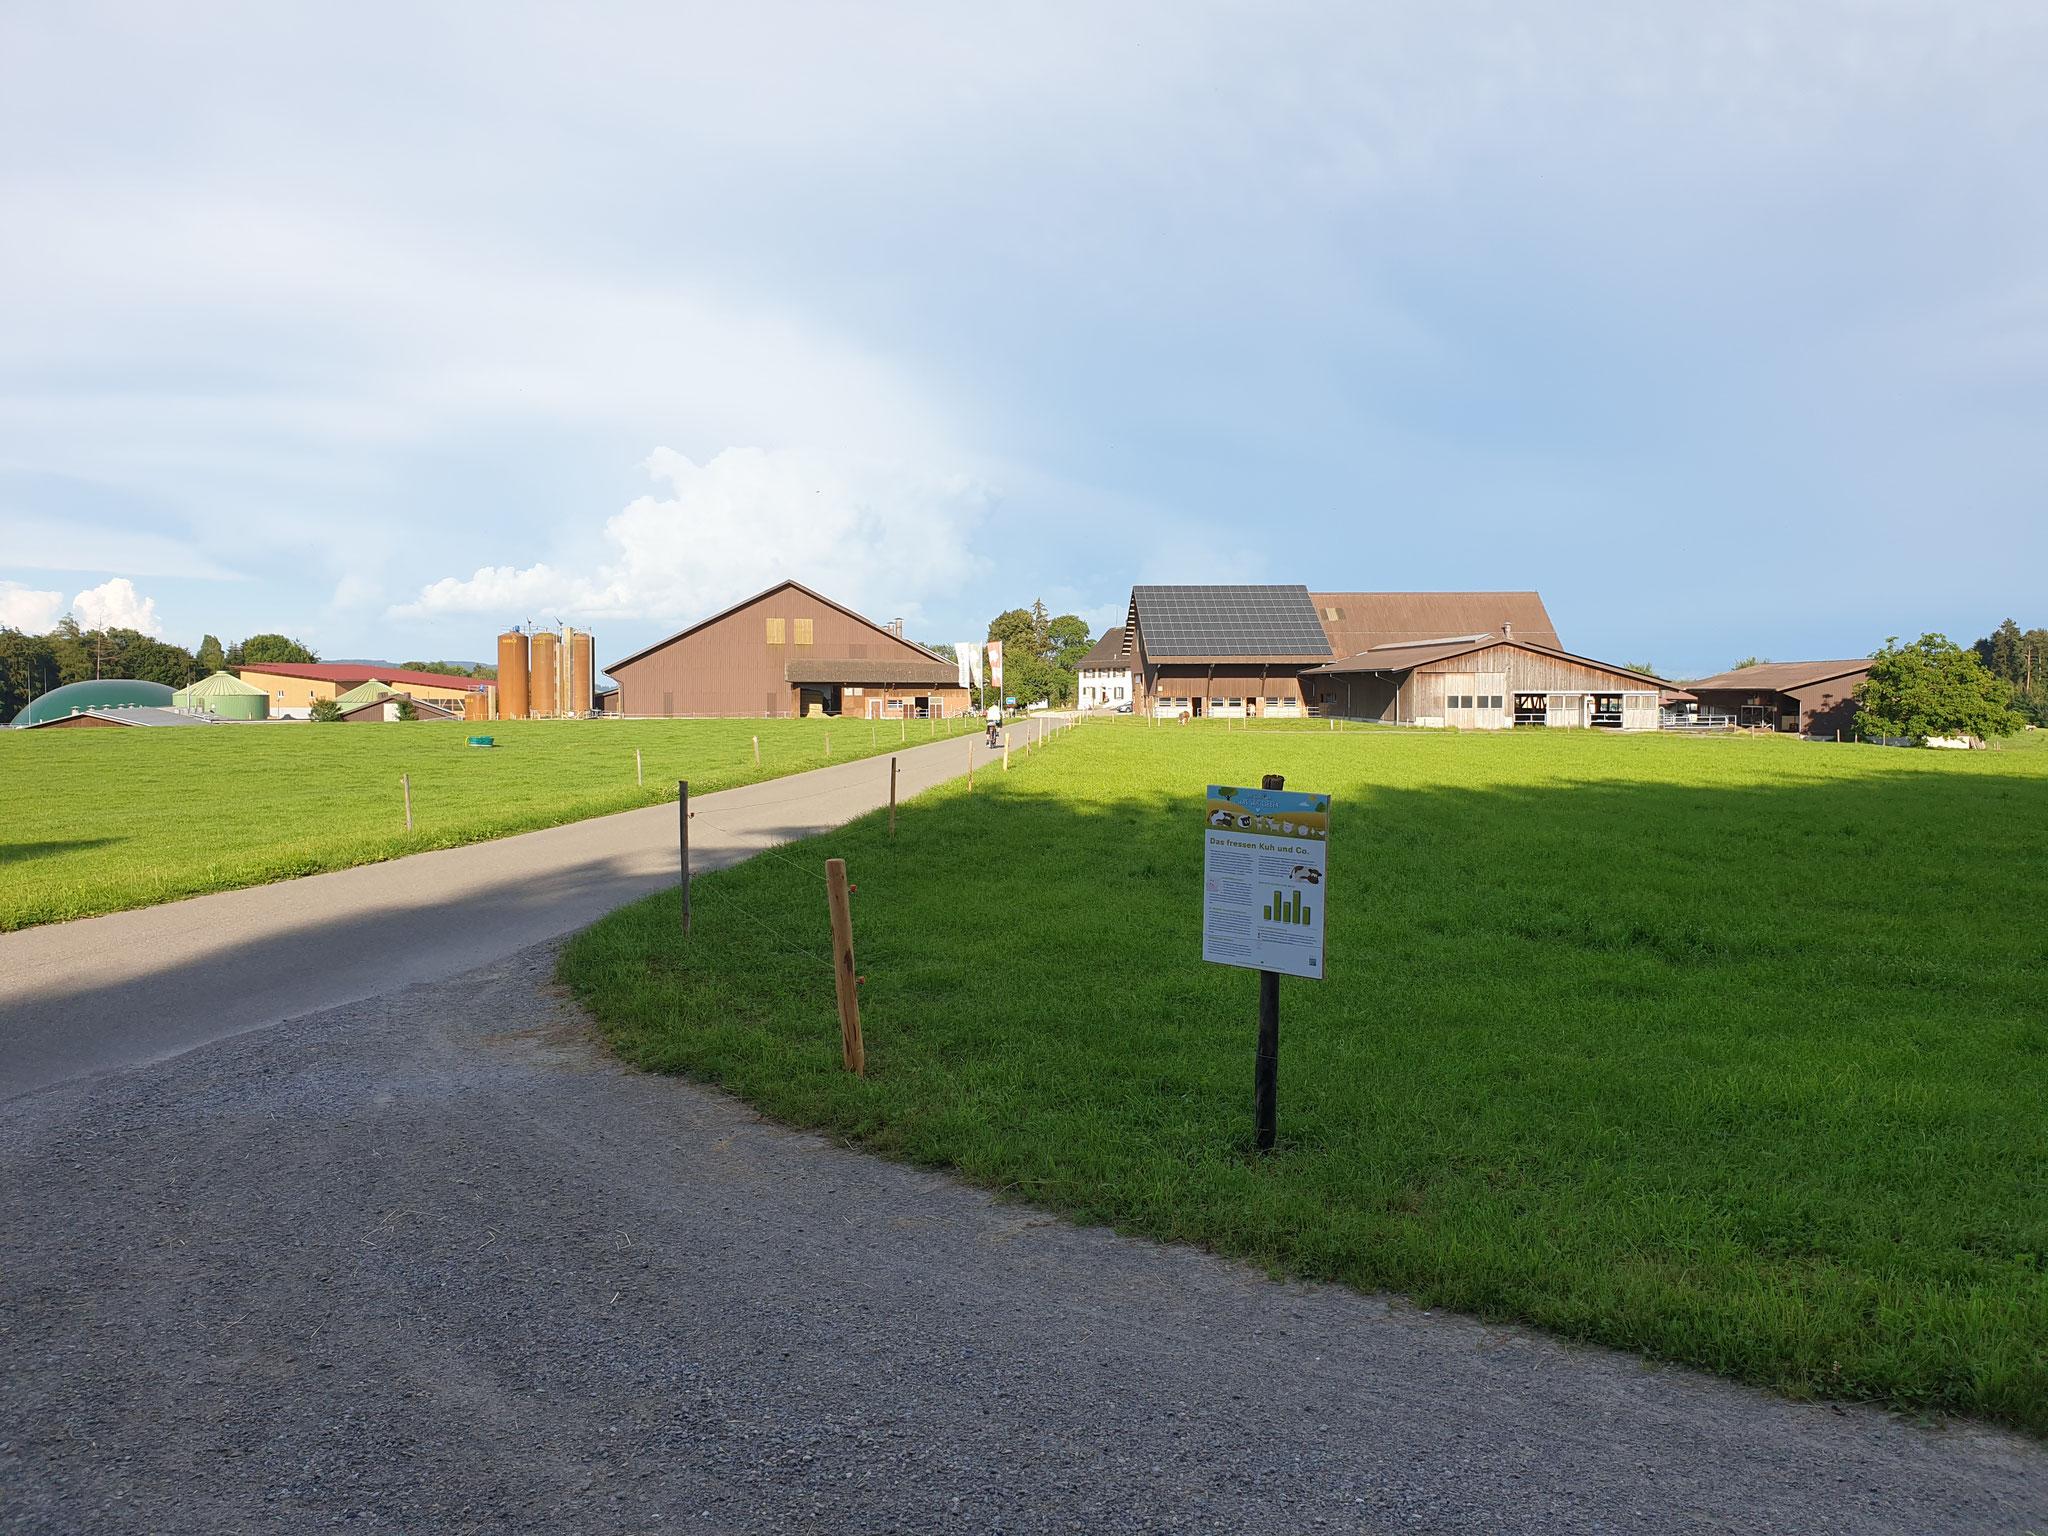 Strasse zur Ortschaft Tilsit